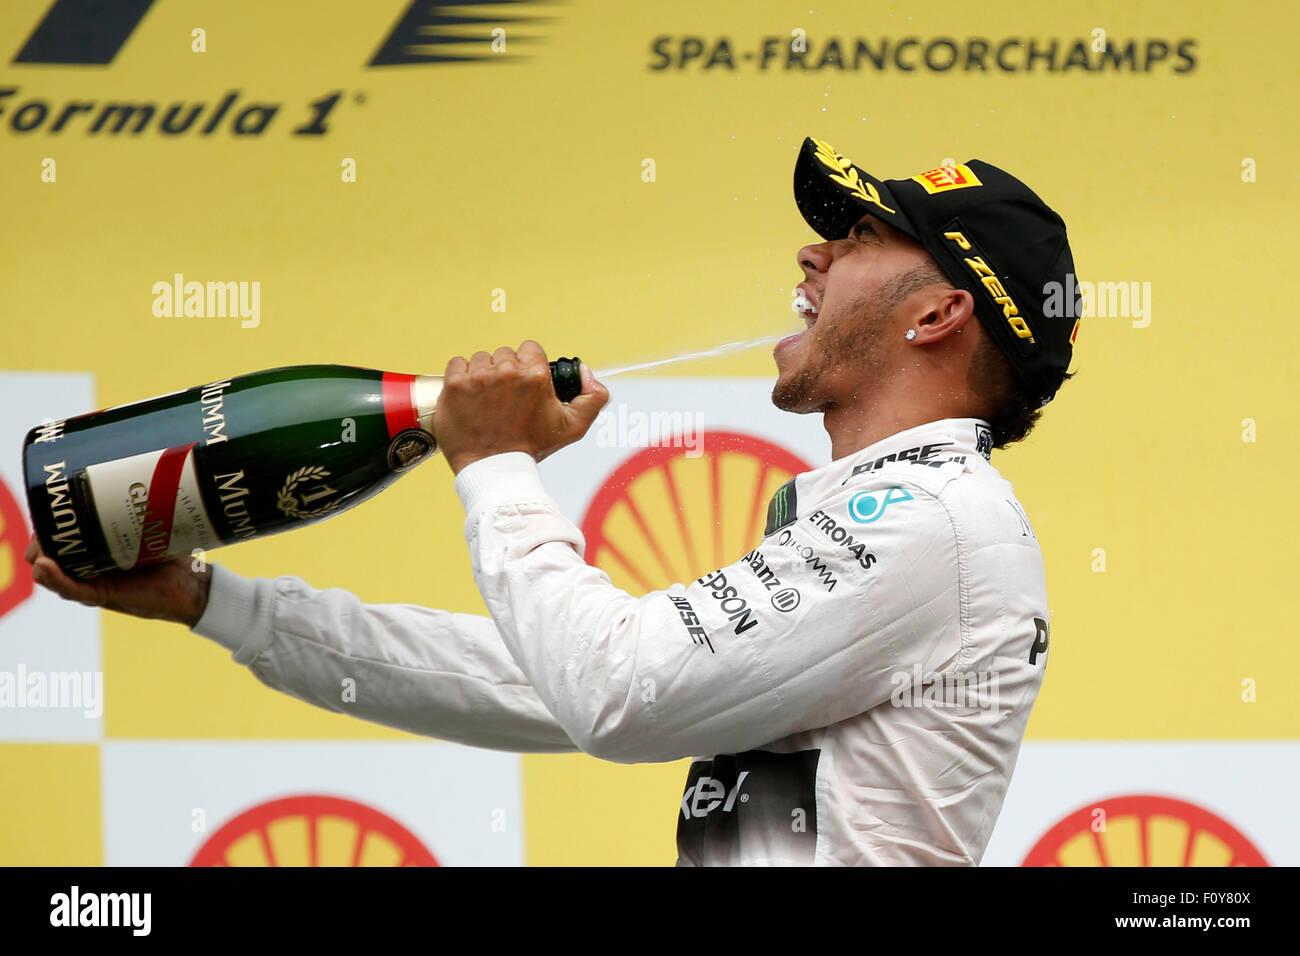 Spa, Bélgica. 23 Aug, 2015. Campeonato del Mundo de Fórmula Uno FIA 2015, Gran Premio de Bélgica, Imagen De Stock